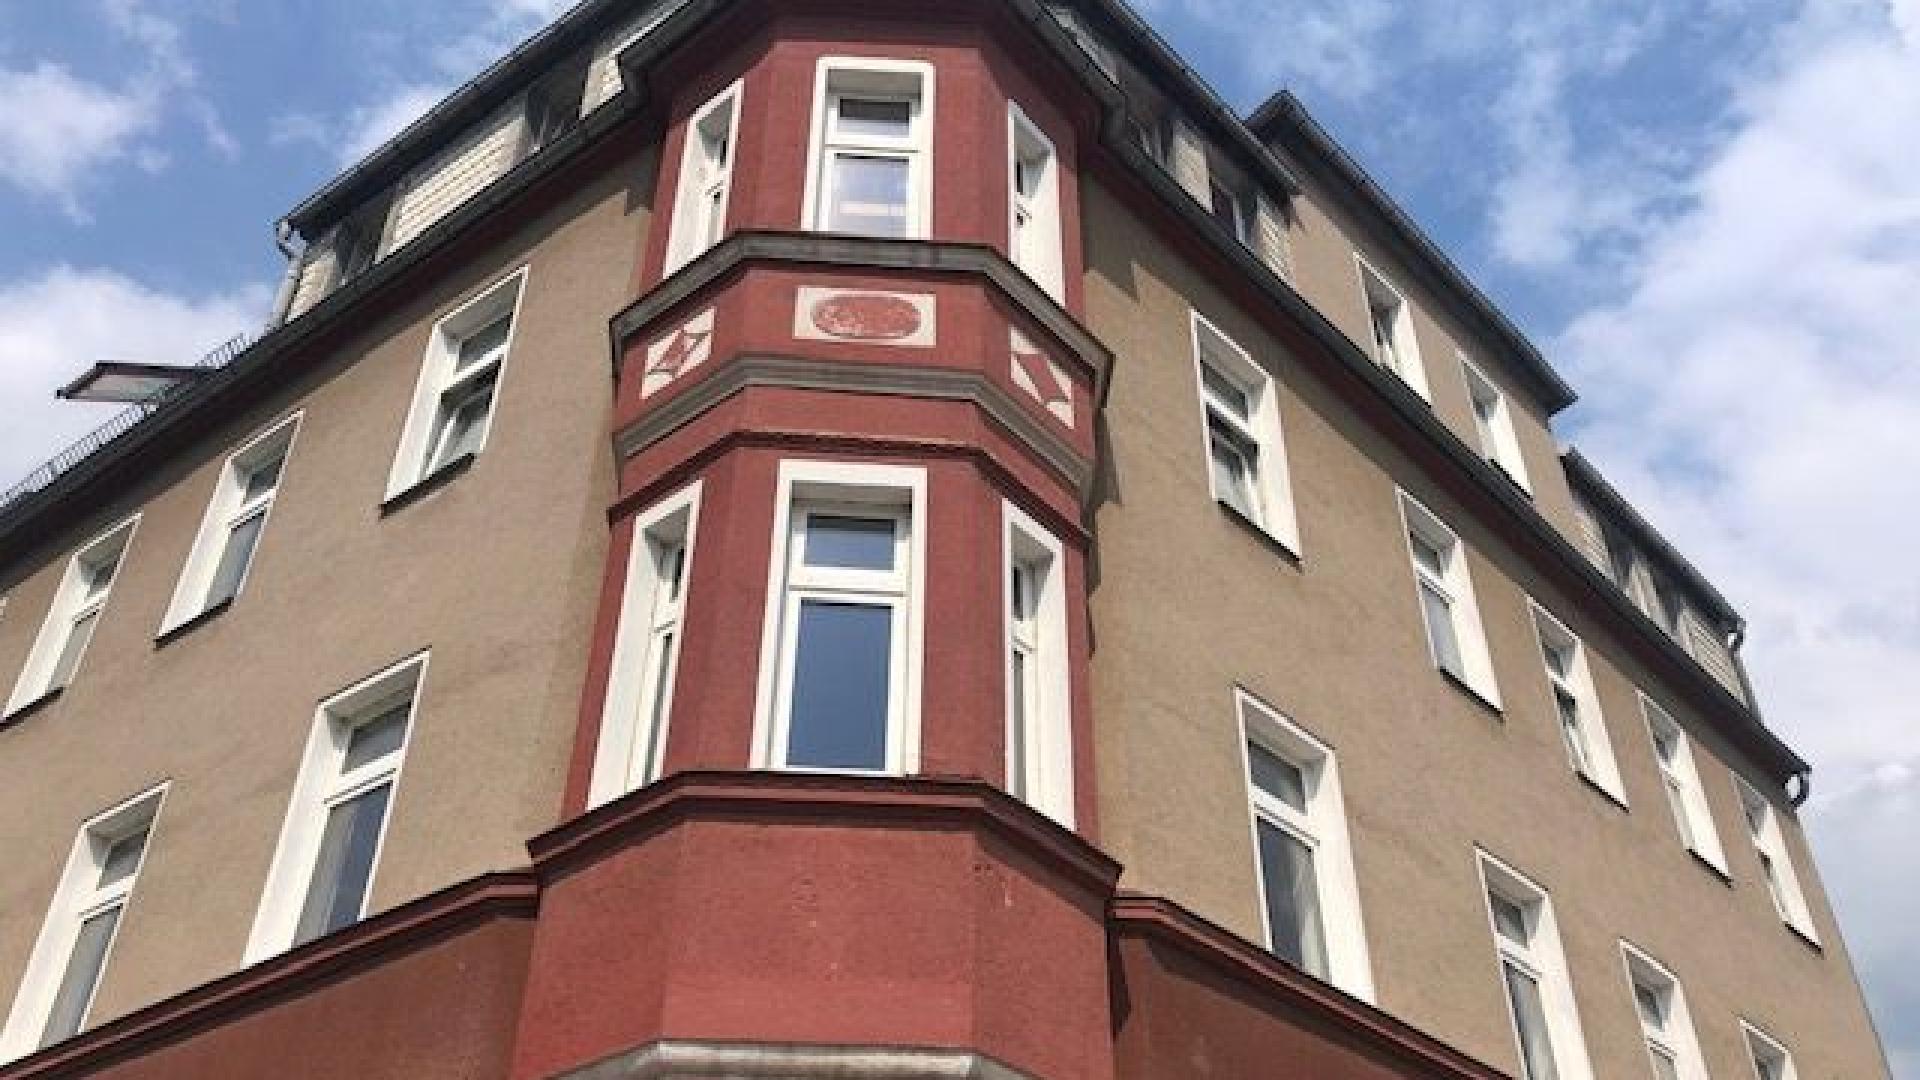 Neuer Kaufpreis: Ihr neues Investment in der Großen Kreisstadt Wurzen (östlich von Leipzig)